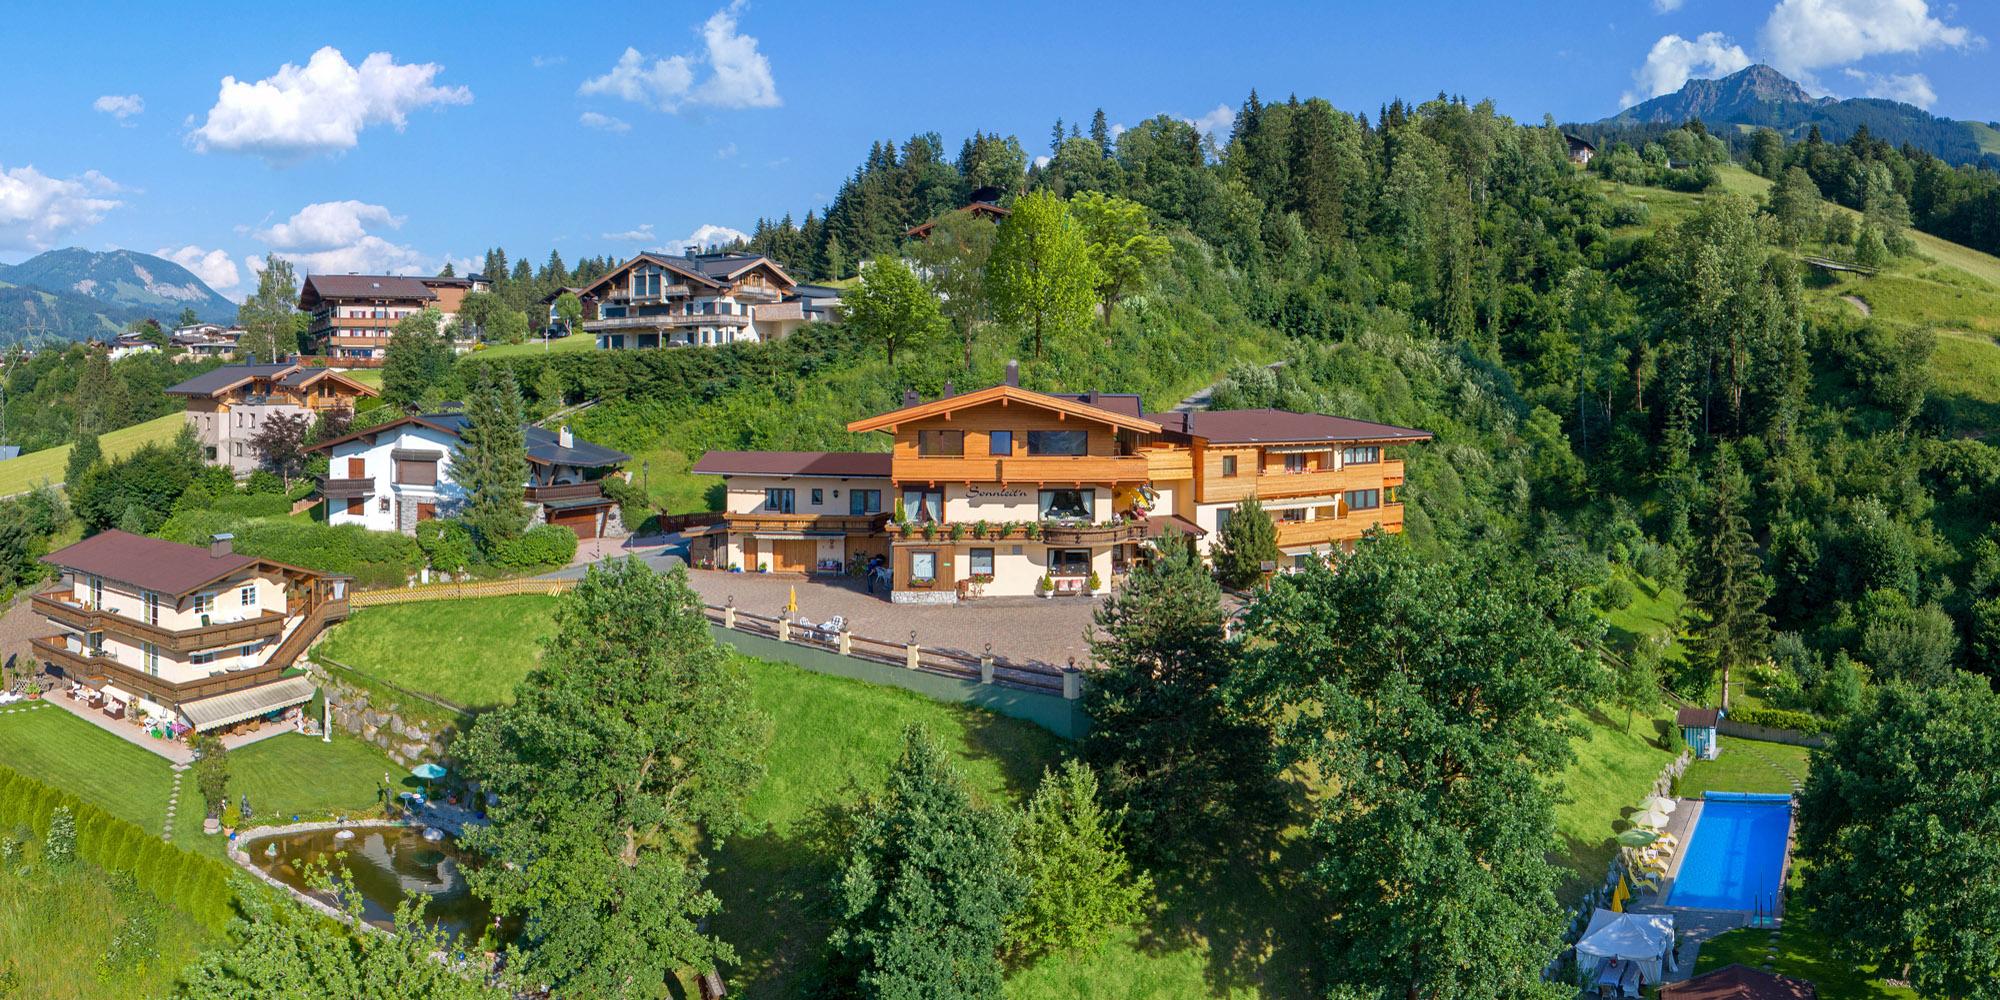 Ferienwohnungen Wilder Kaiser Romantik Aparthotel Sonnleitn beheizter Gartenpool Lage am Sonnenhang 50 m zum Skilift Tel+43 5352 62525